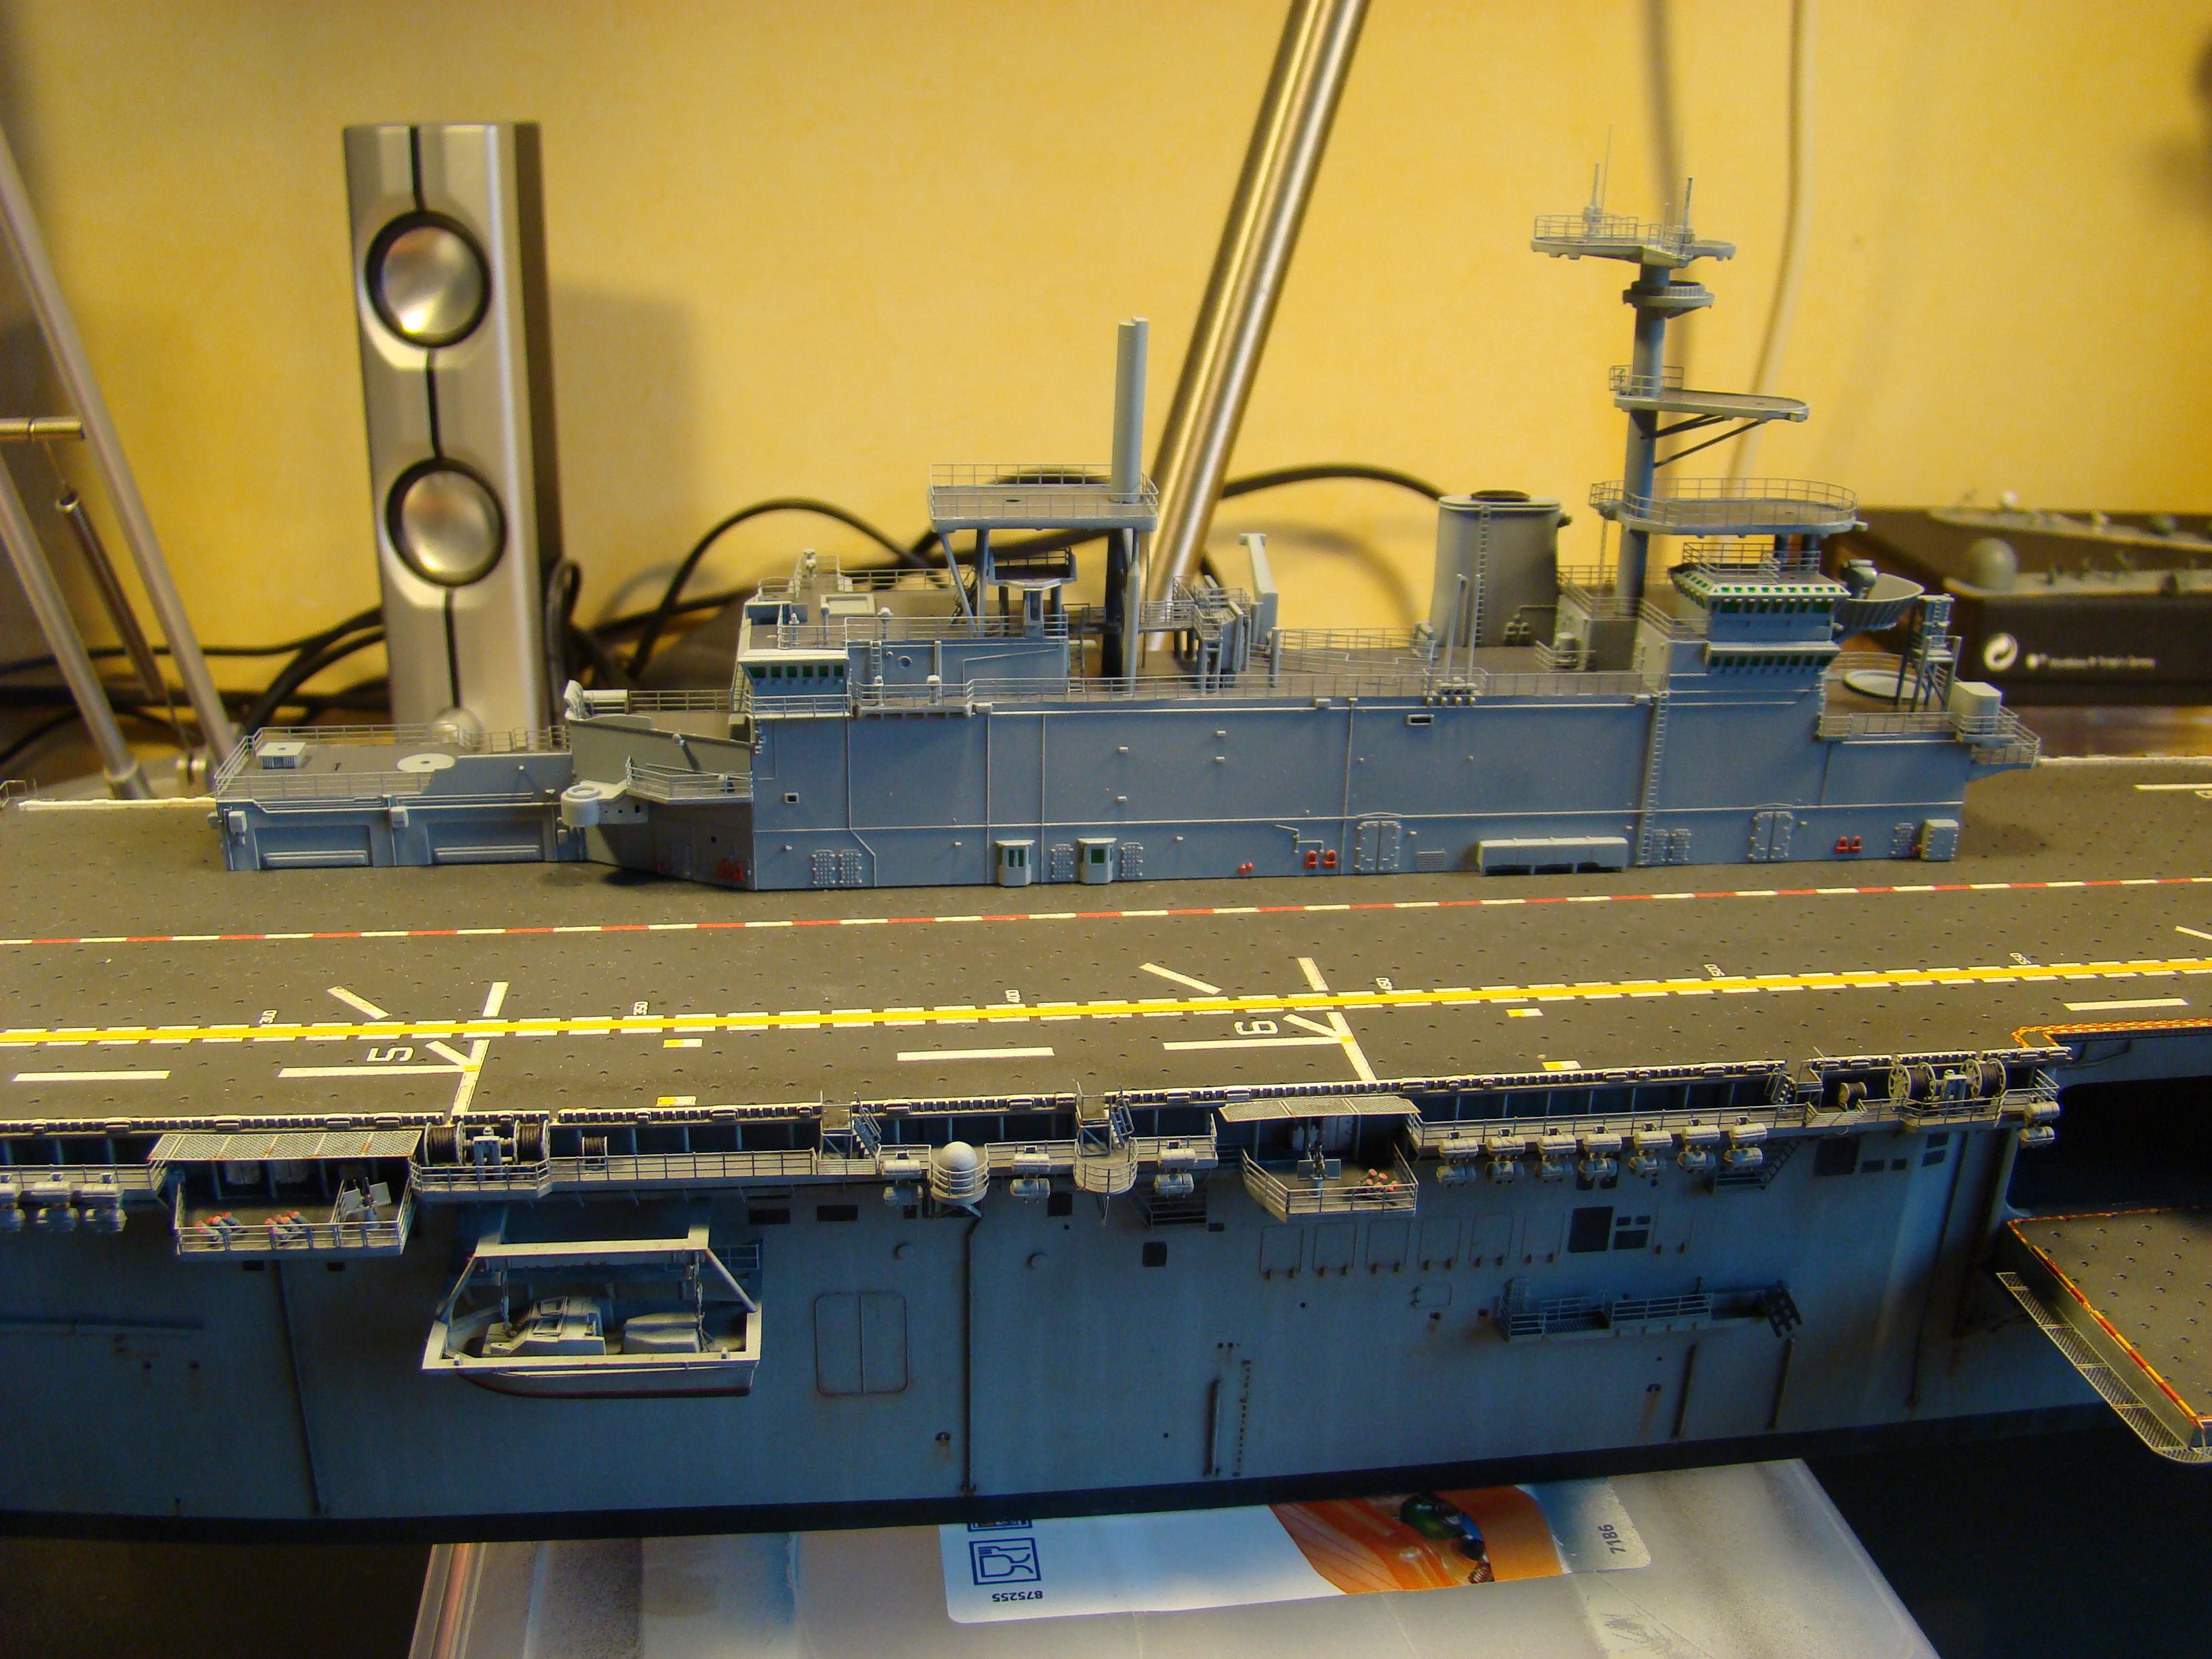 USS WASP LHD-1 au 1/350ème par nova73 - Page 8 Dsc09109i